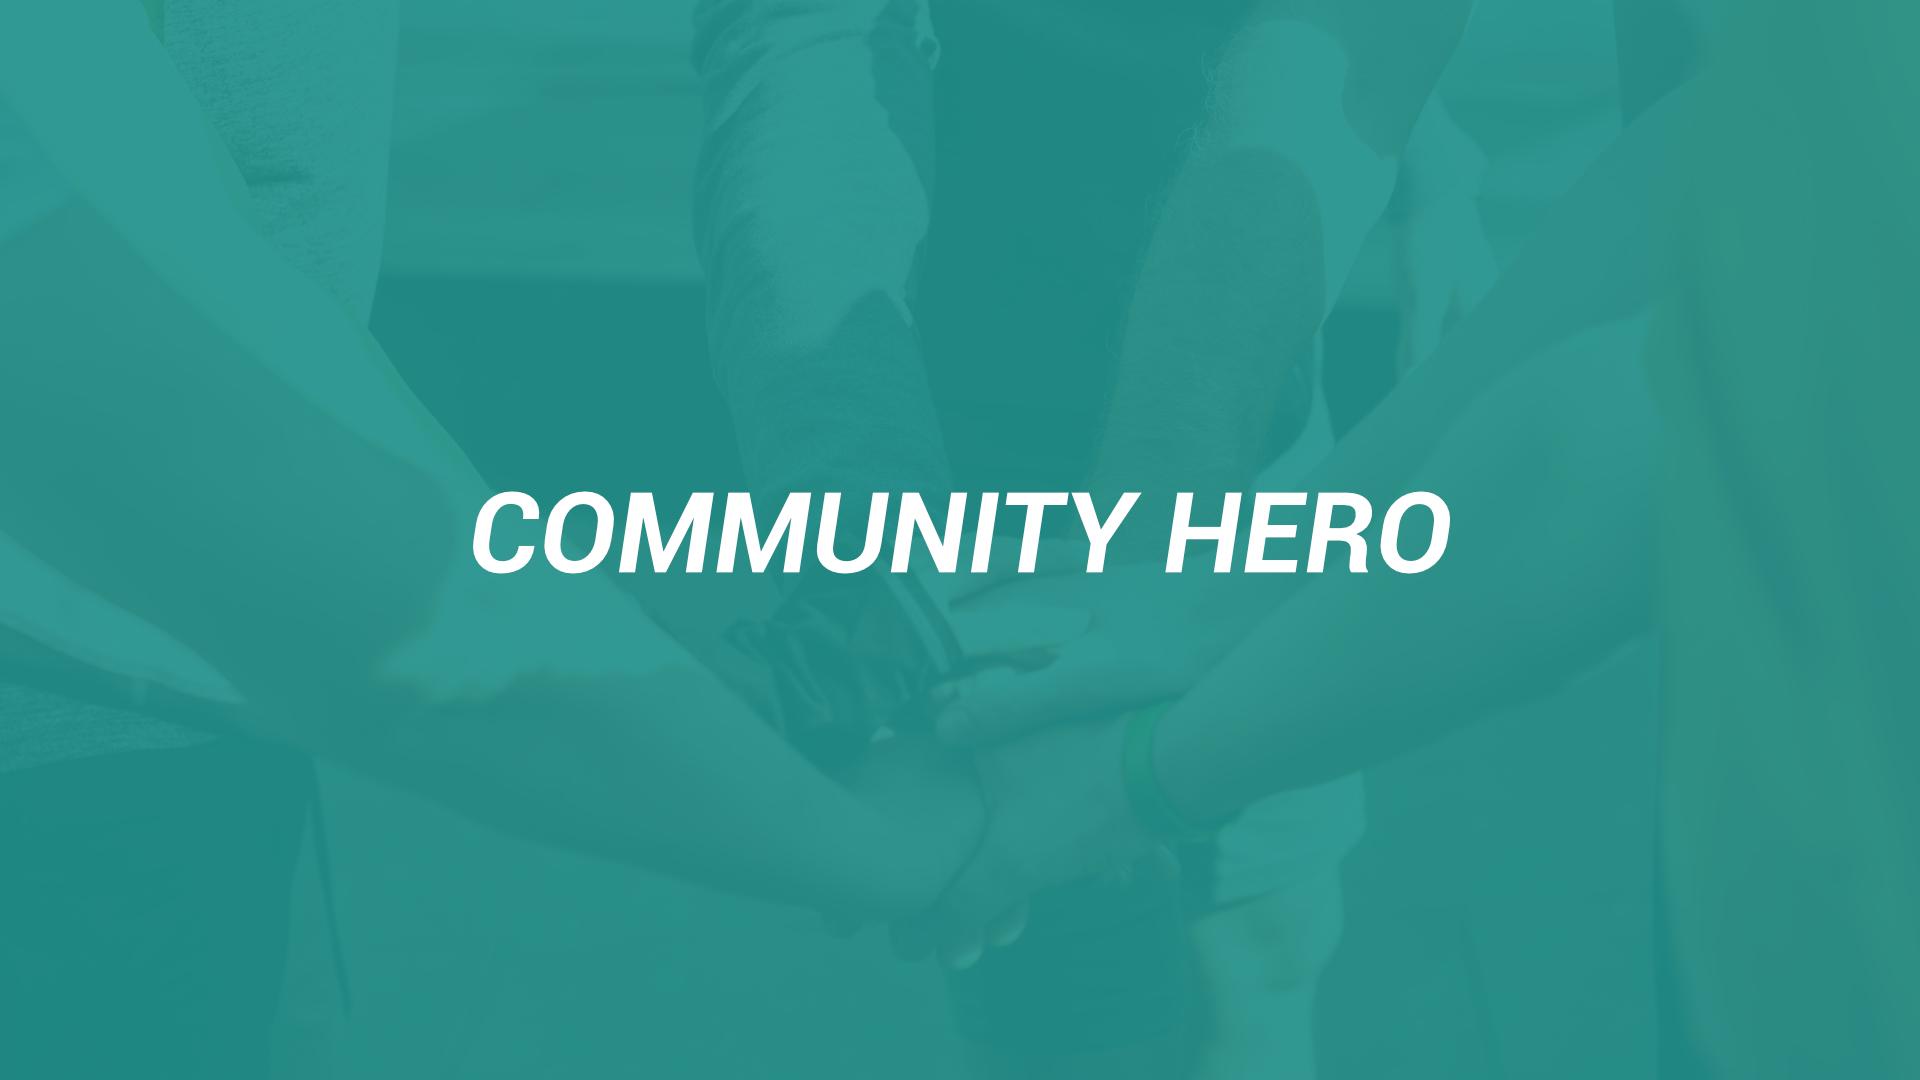 Community-hero.jpg